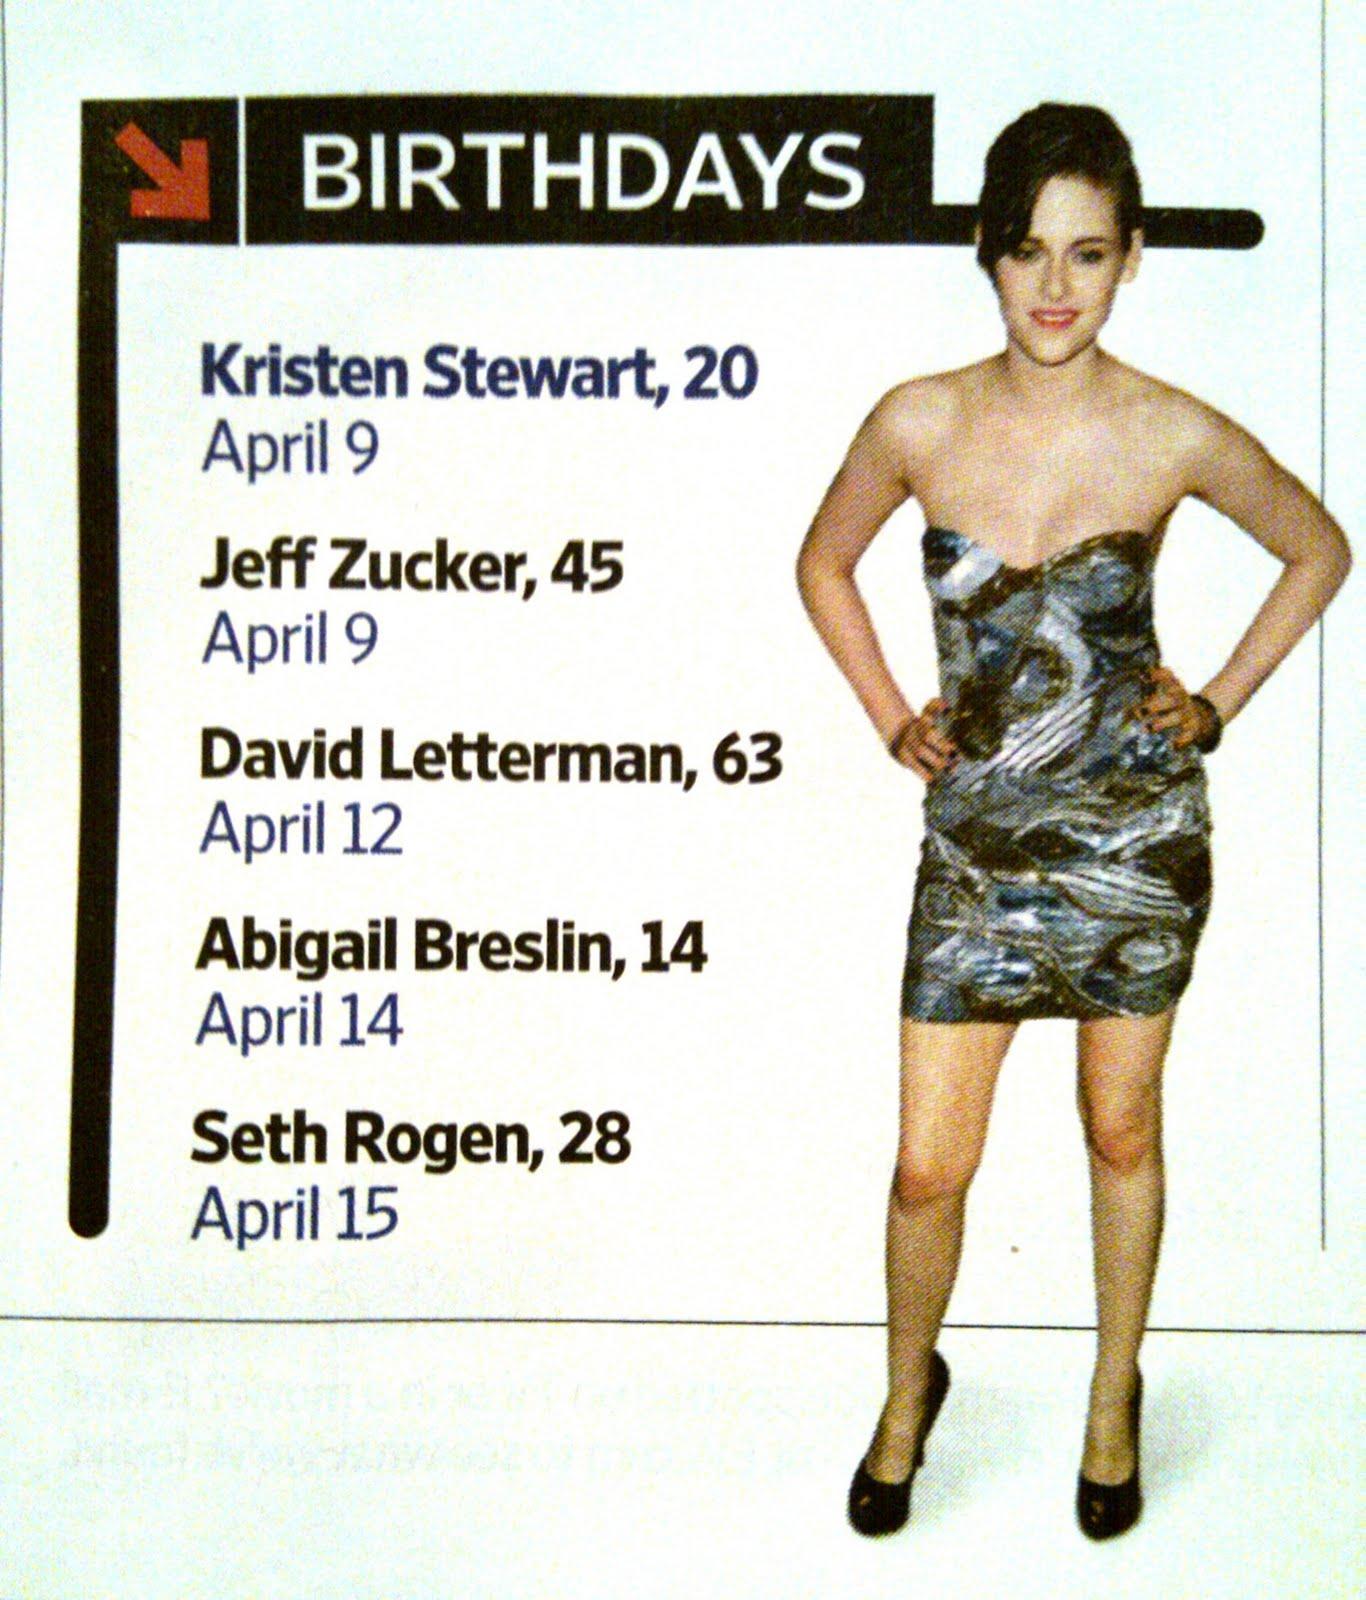 http://1.bp.blogspot.com/_Fr5jtSt05Hg/S8KI25d1d0I/AAAAAAAAZrY/FdvOkBI-Gt0/s1600/Kristen+Stewart.jpg